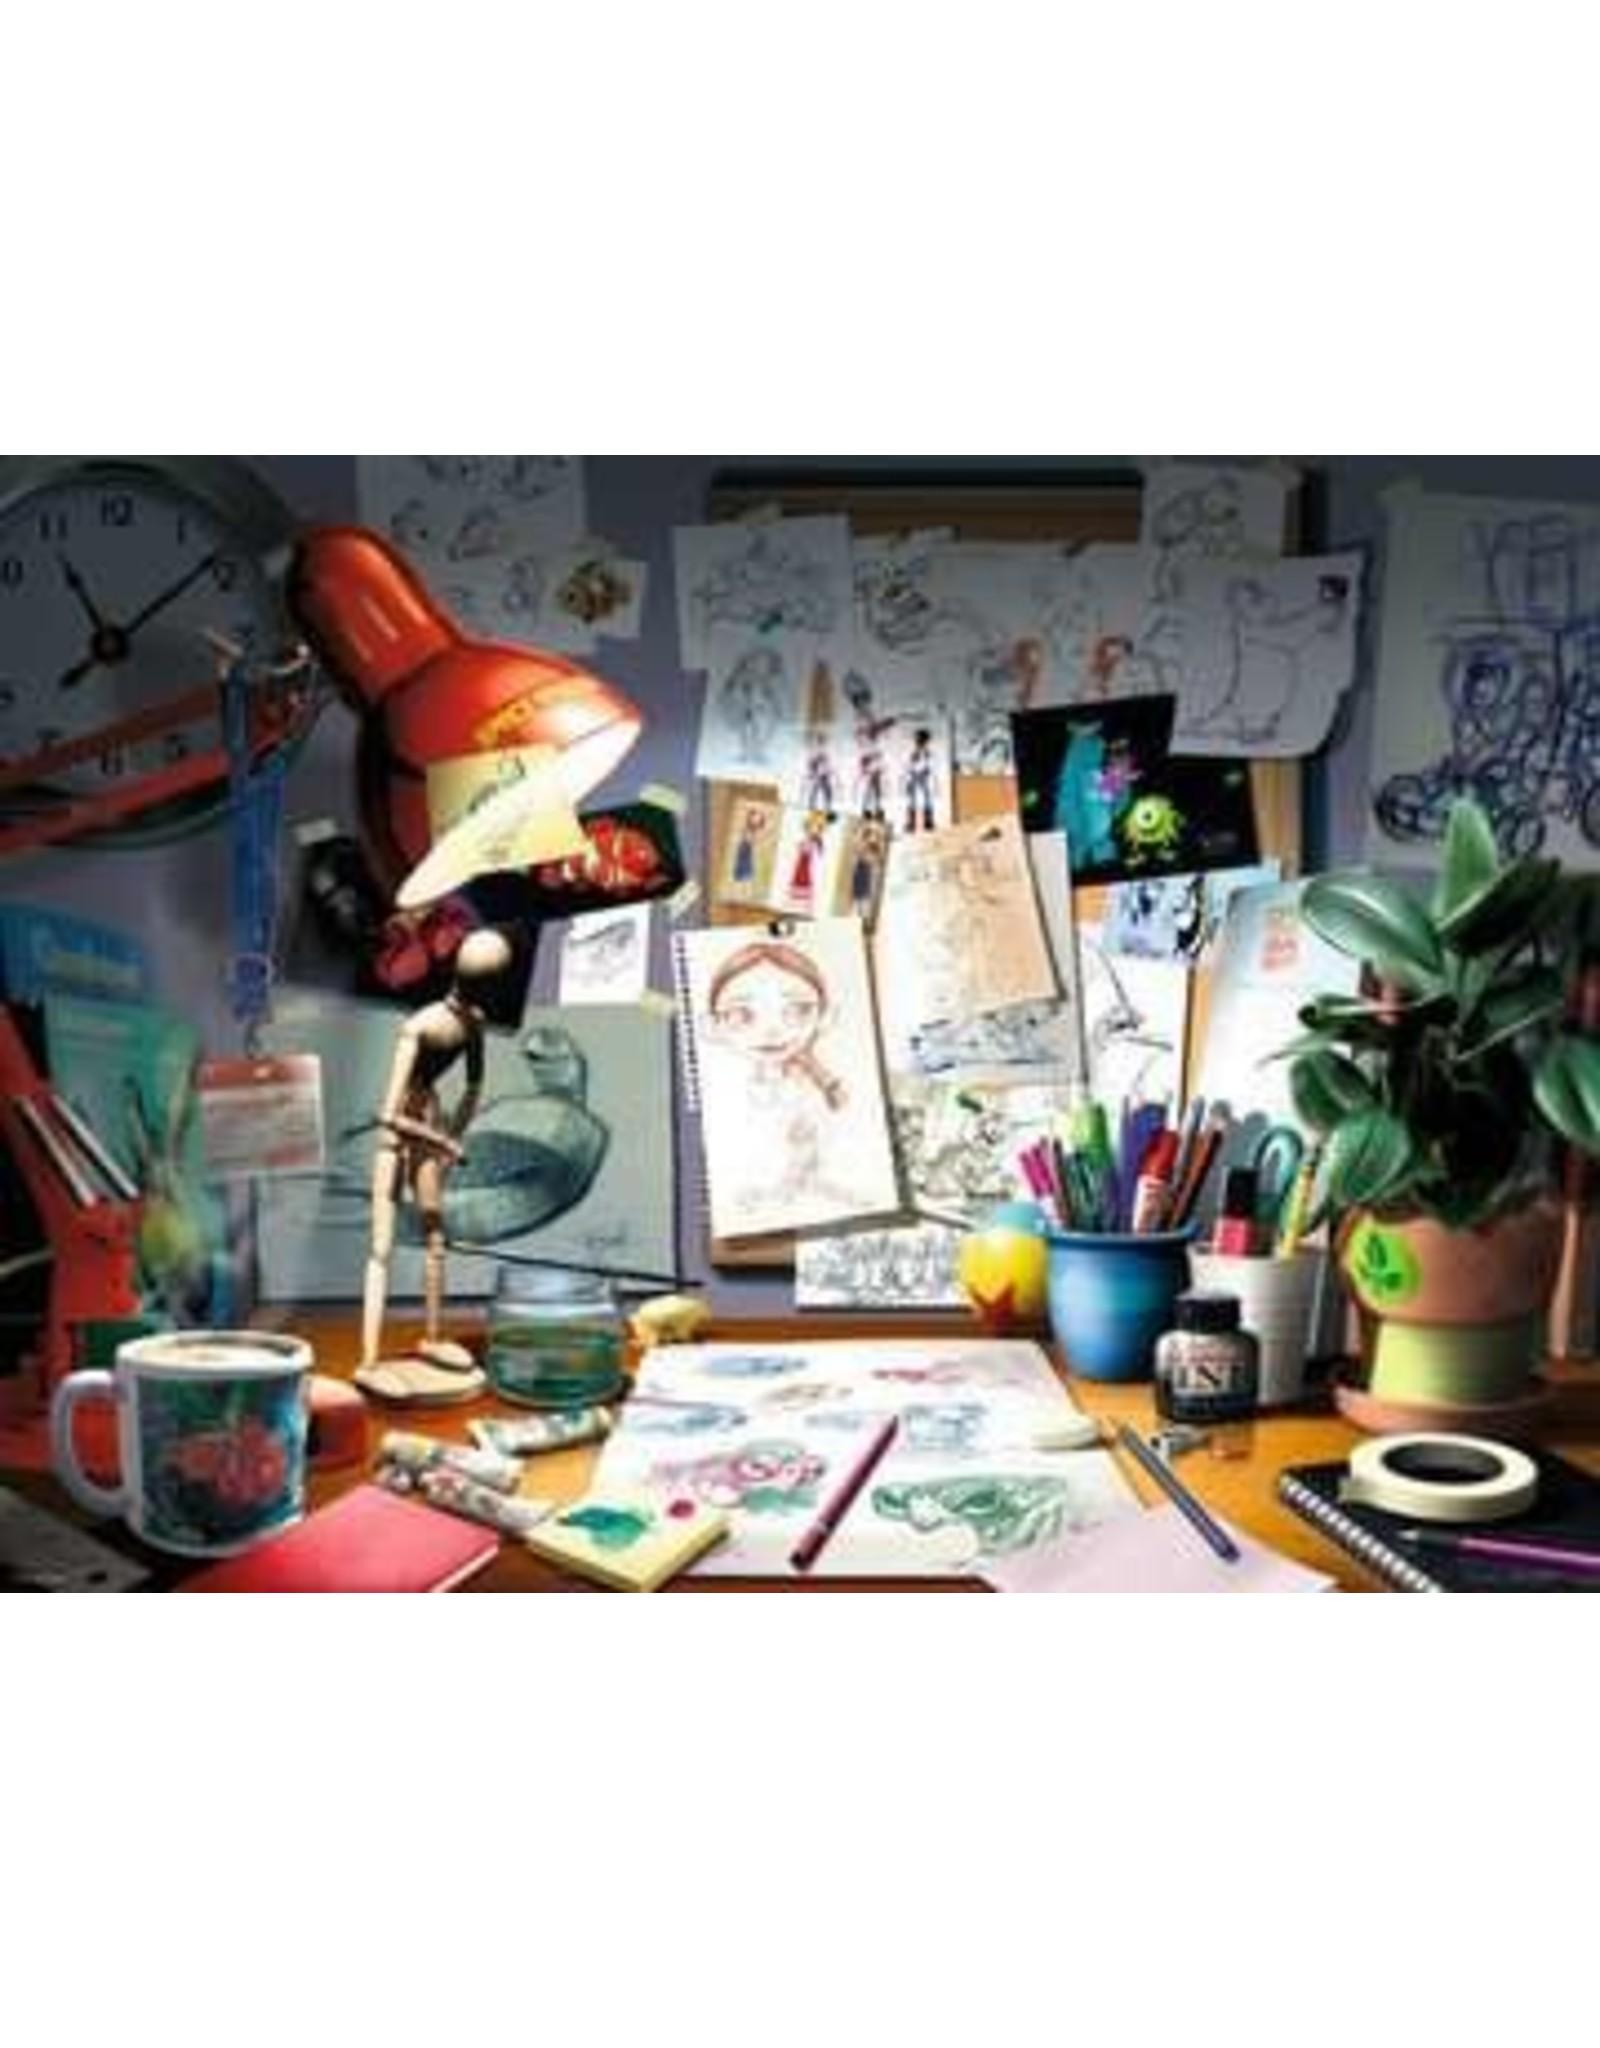 Ravensburger 1000 pcs. The Artist's Desk Puzzle